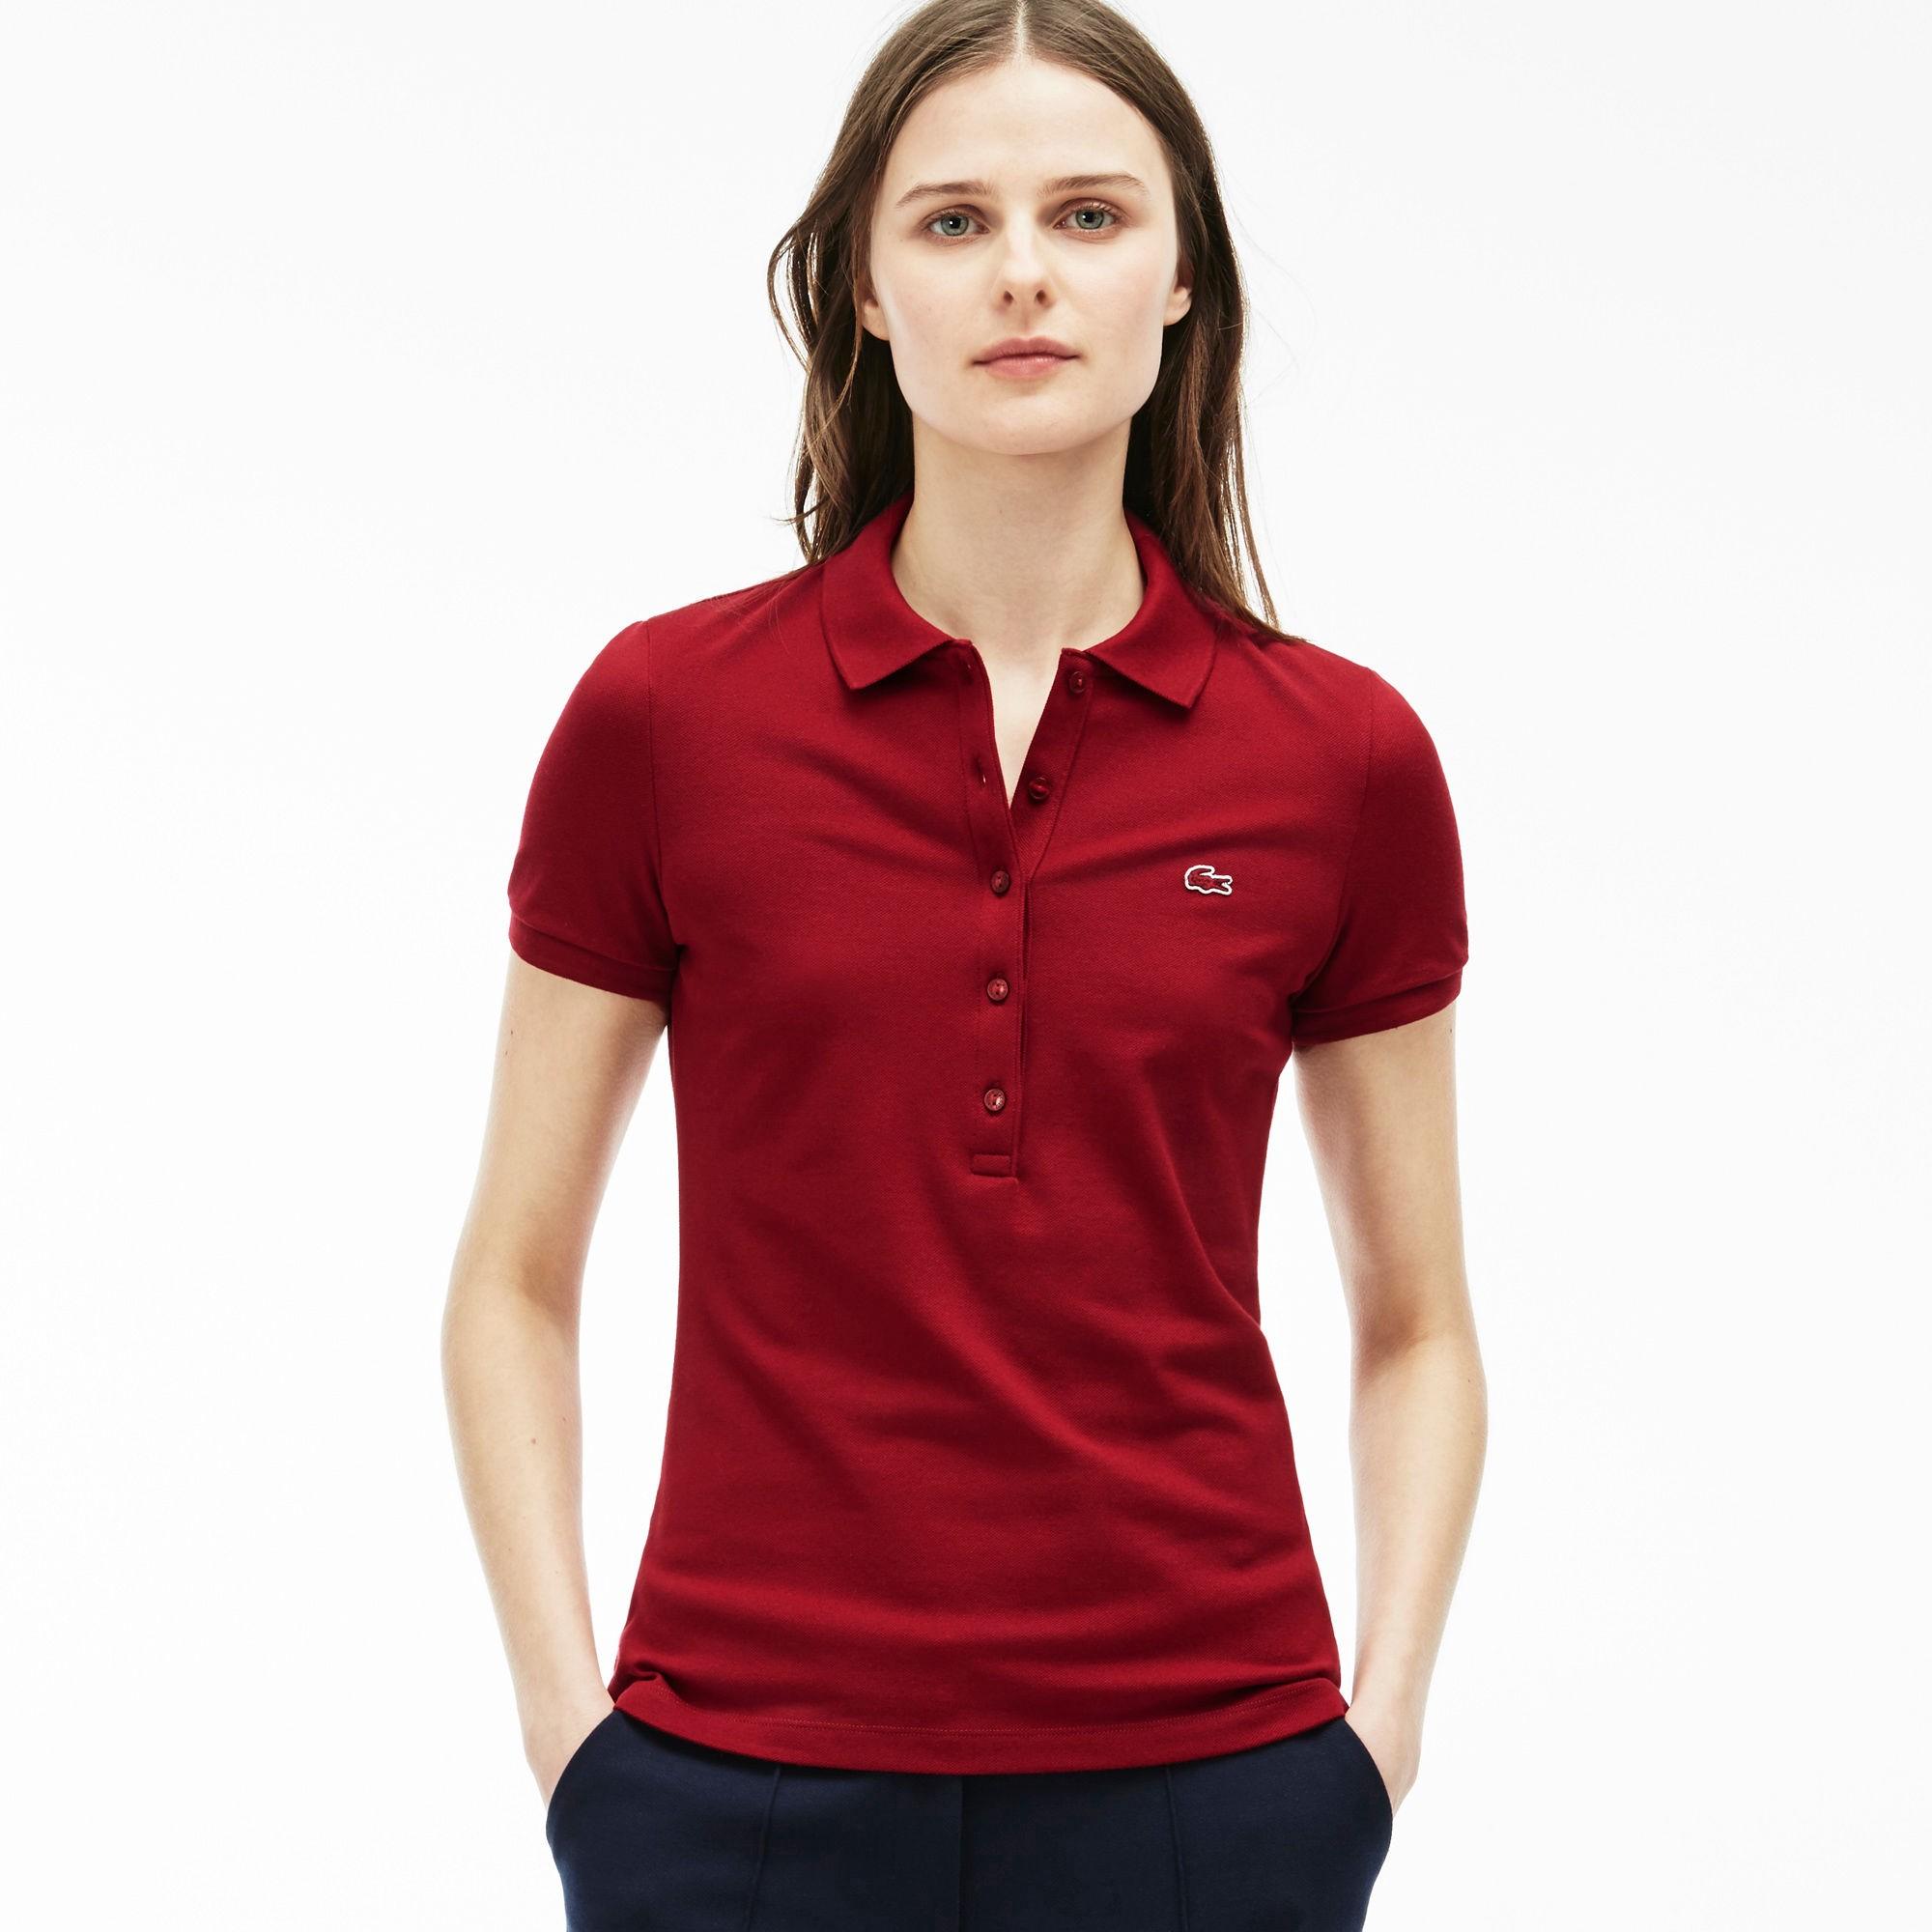 d6e9ede2 Women's Slim Fit Stretch Piqué Polo Shirt - Bordeaux